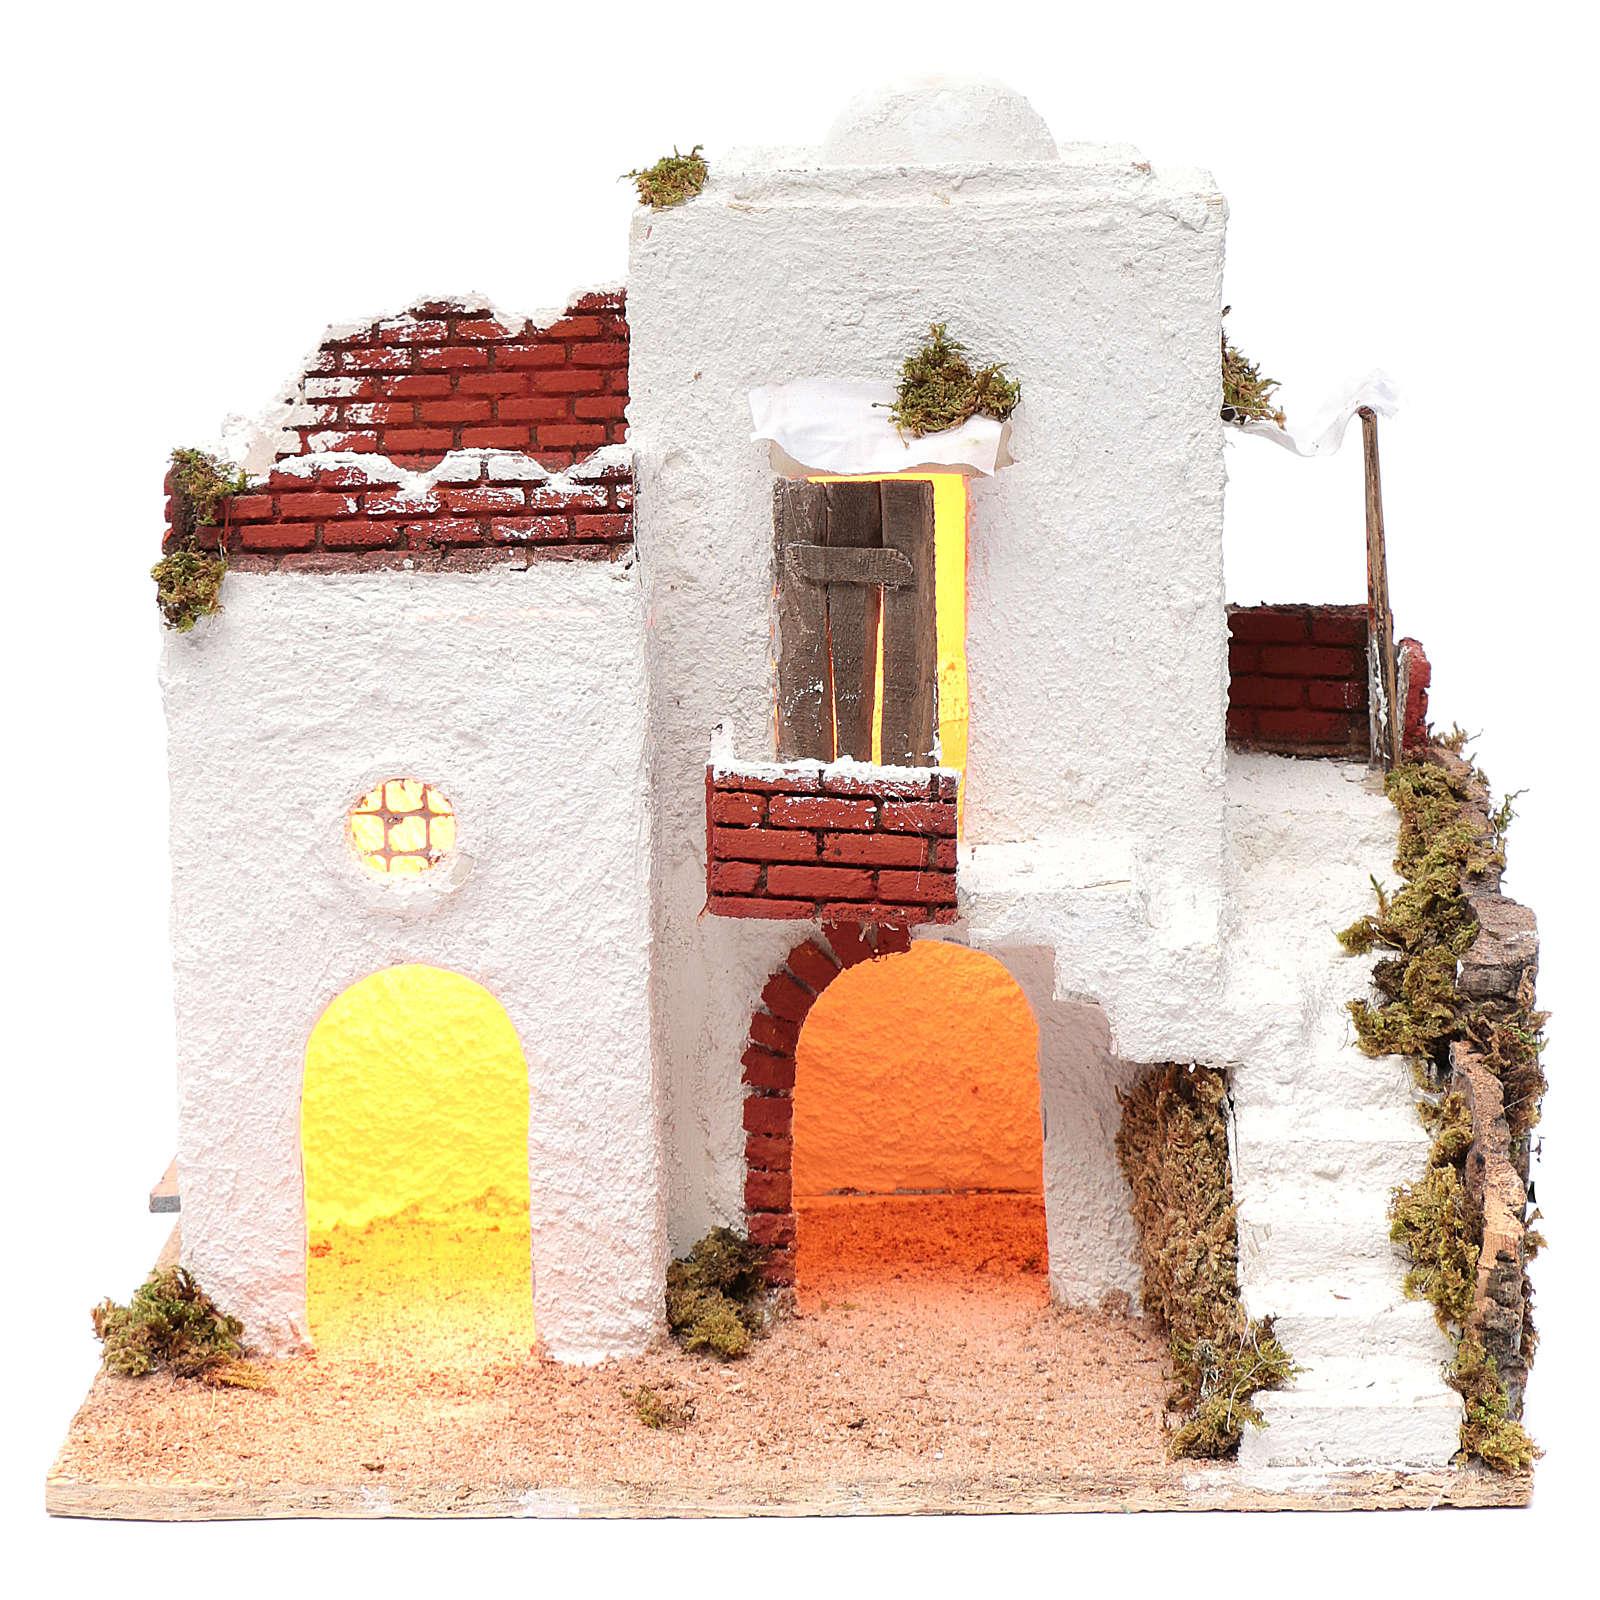 Casa araba bianca con scala e capanna 35x35x25 cm presepe di Napoli 4